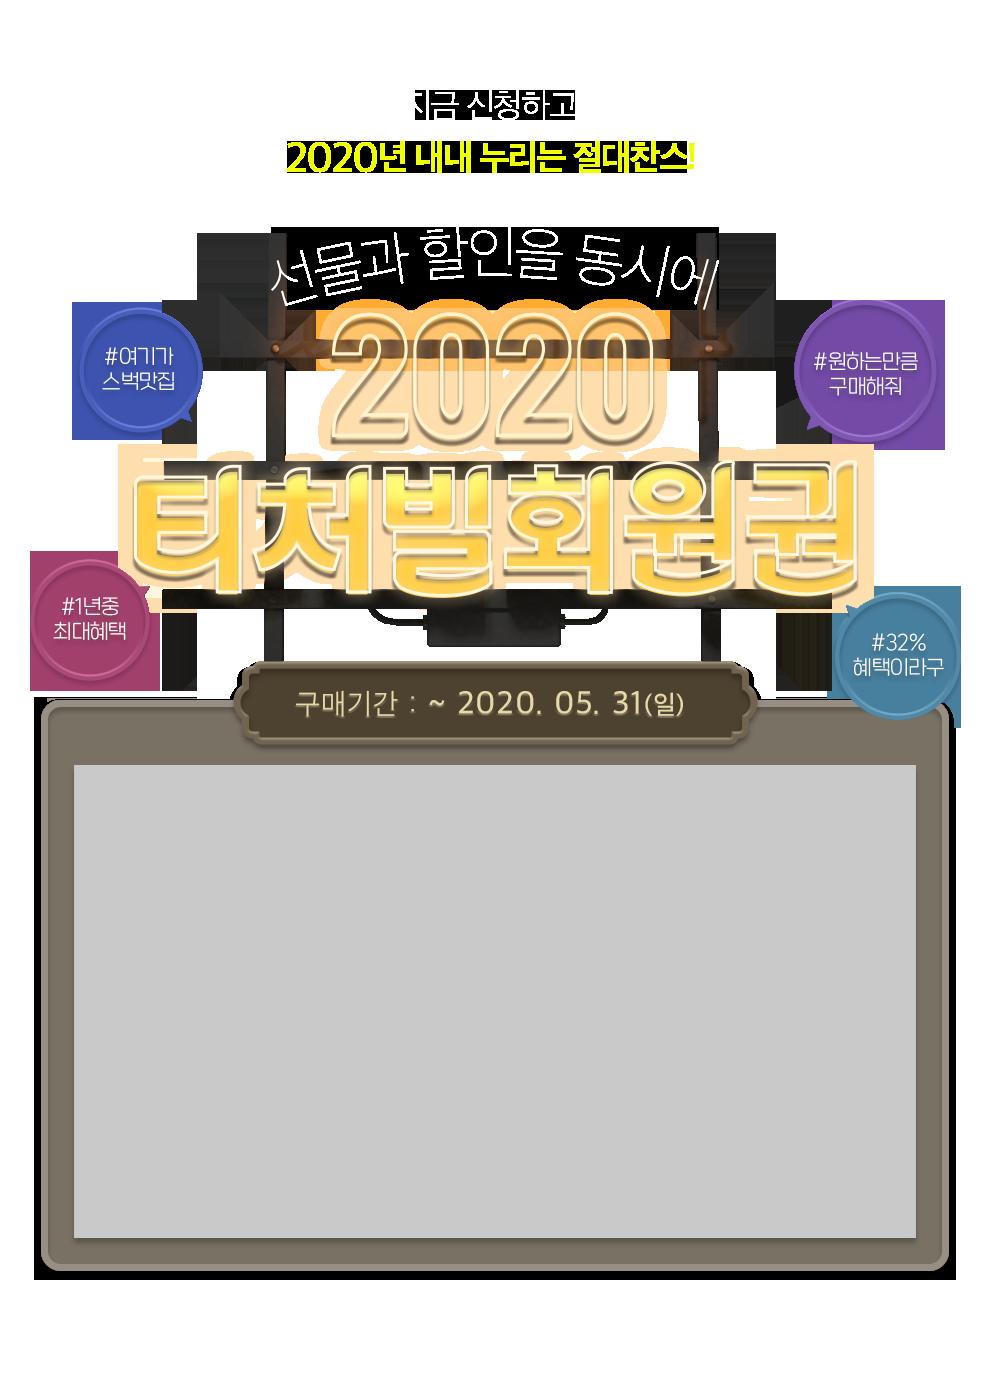 2020 티처빌회원권